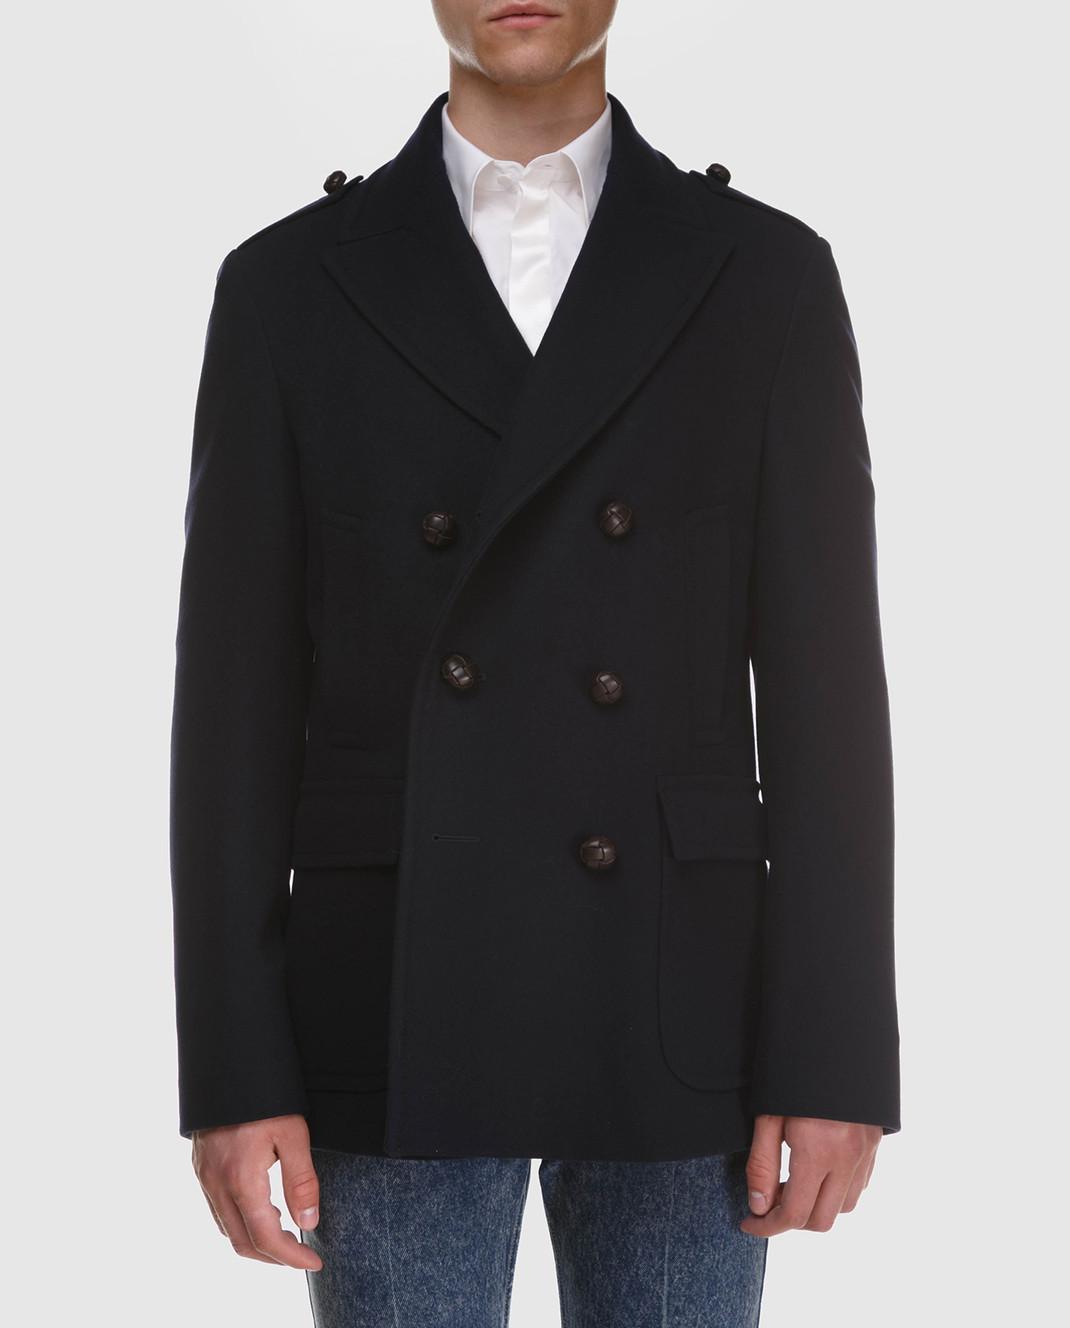 Gucci Темно-синее пальто из шерсти и кашемира 523628 изображение 3